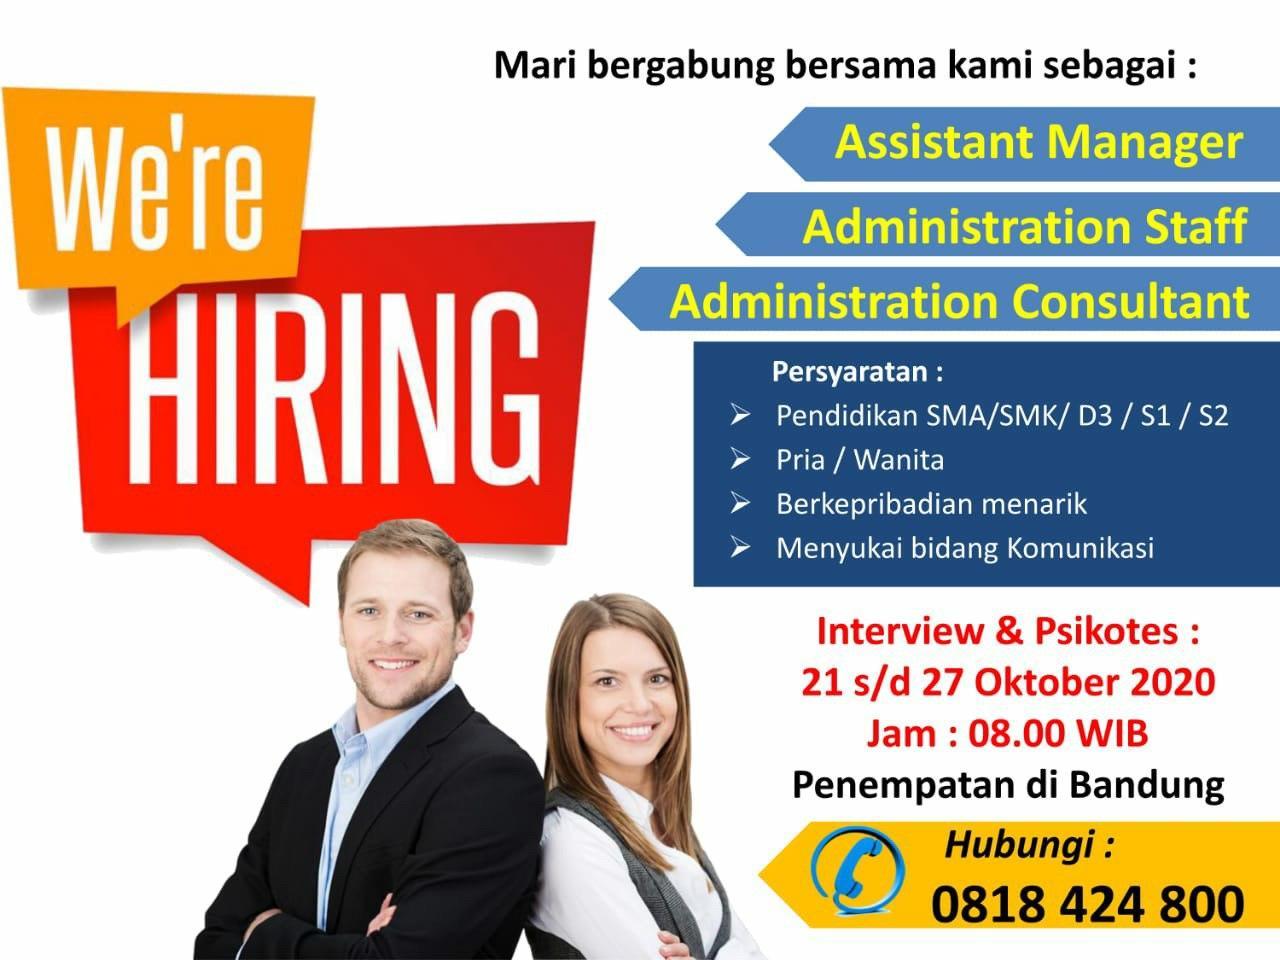 Lowongan Kerja Asistant Manager & Administrasi Staff Consultant Bandung Oktober 2020